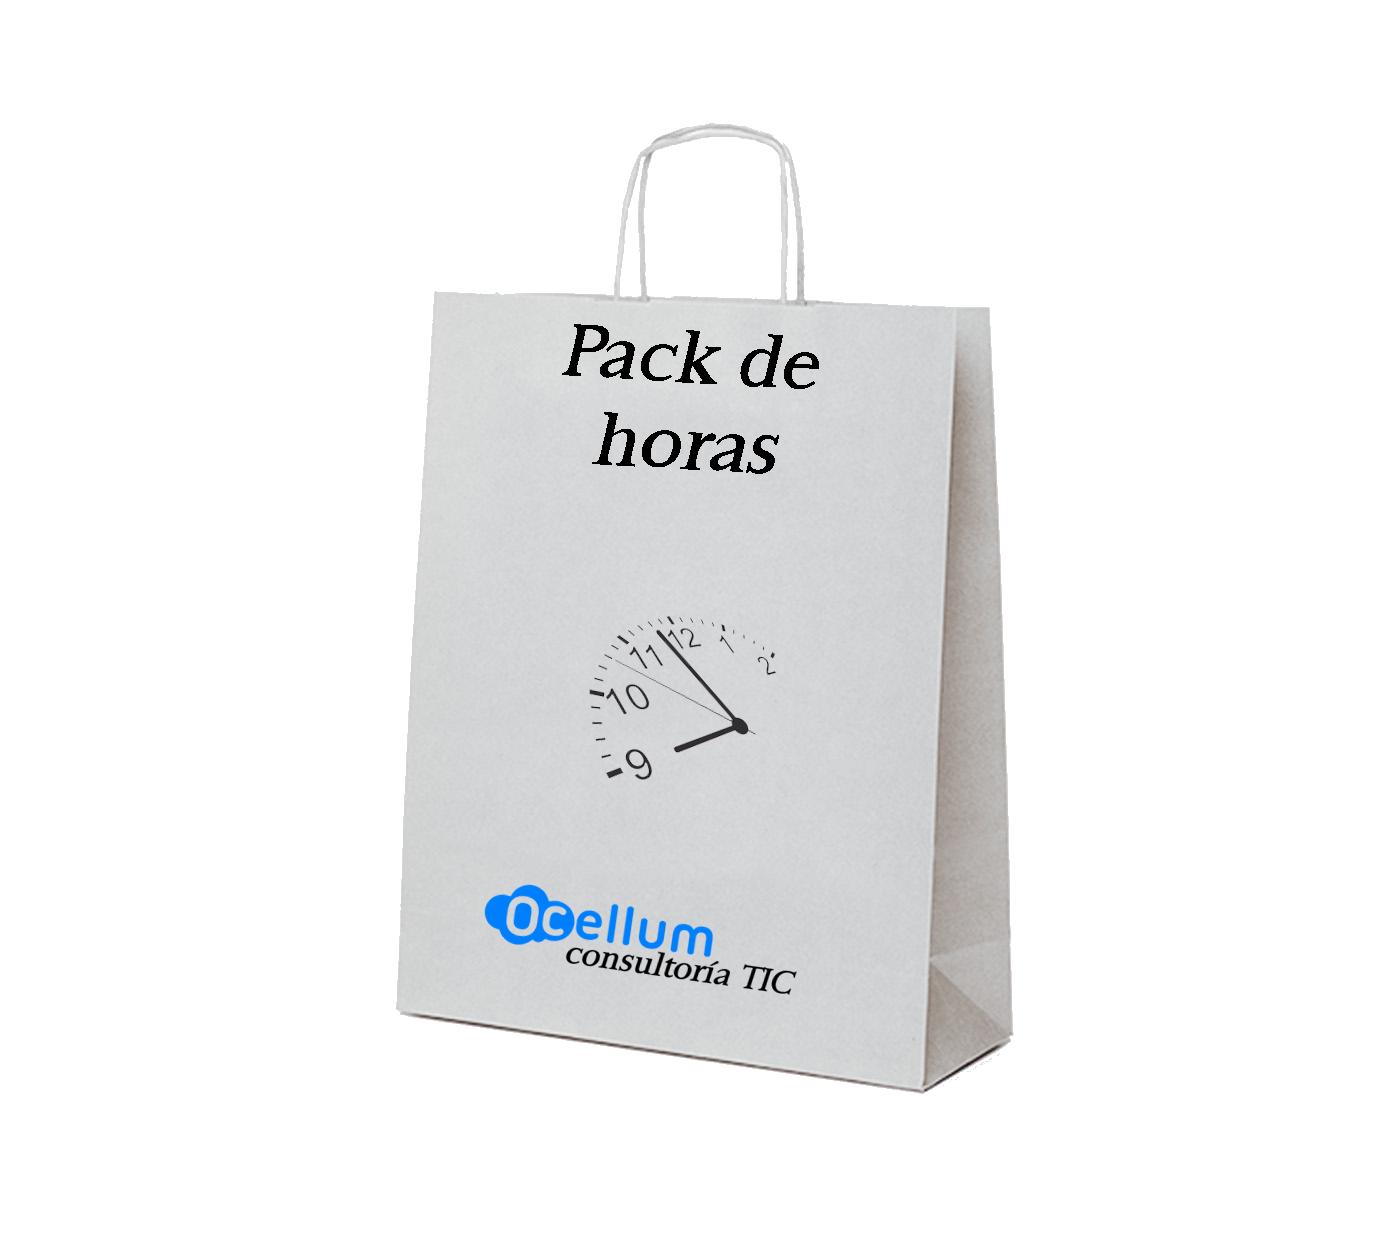 pack de horas ocellum consultoria TIC